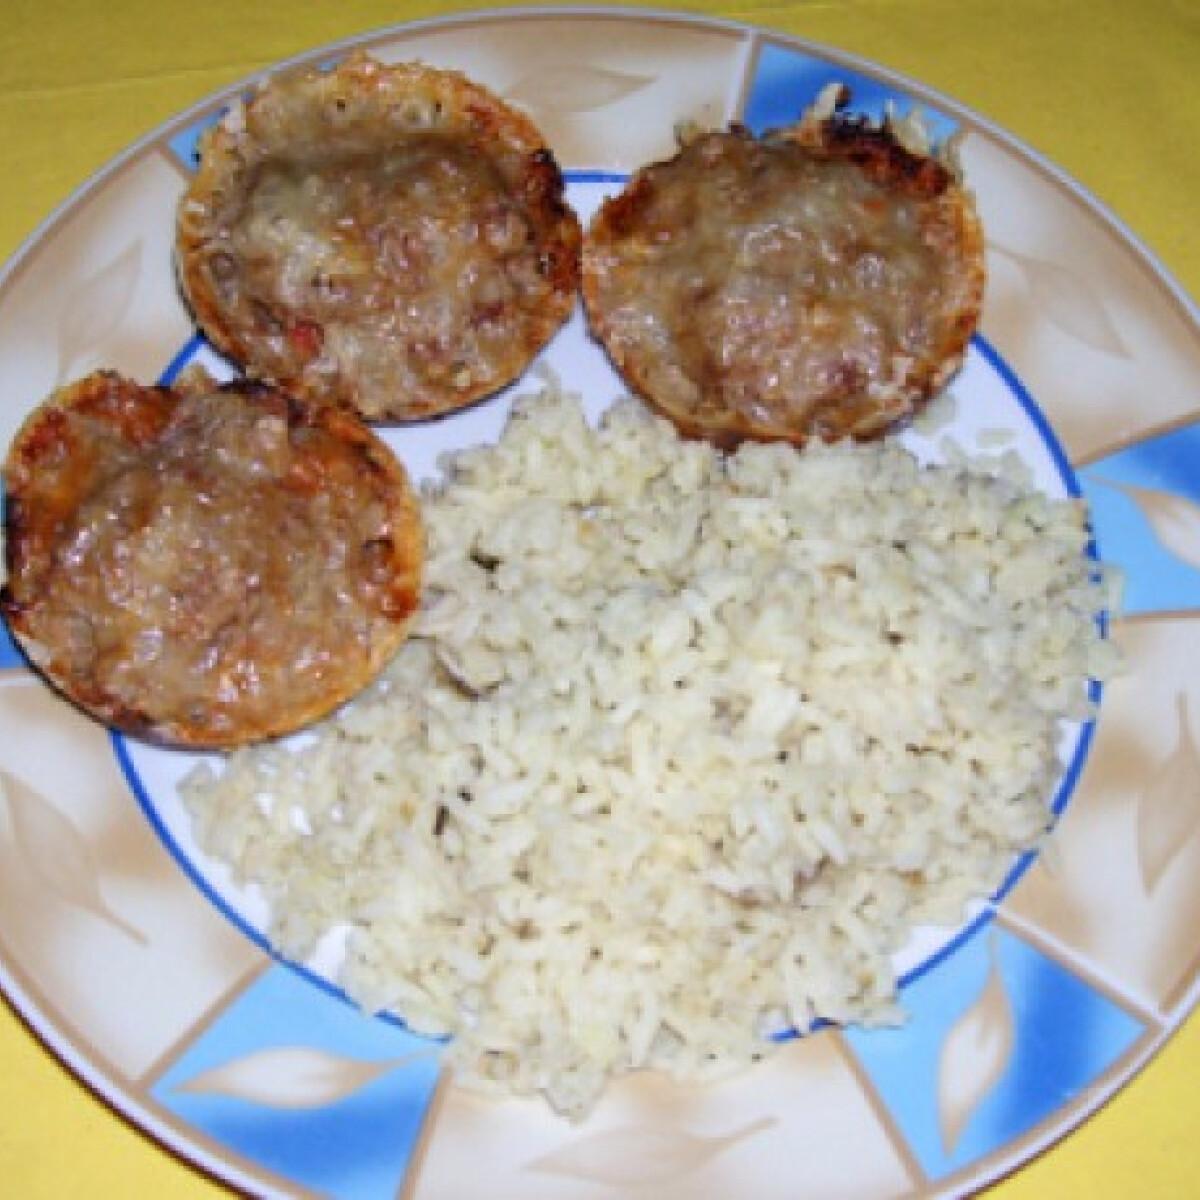 Ezen a képen: Fasírt muffin formában